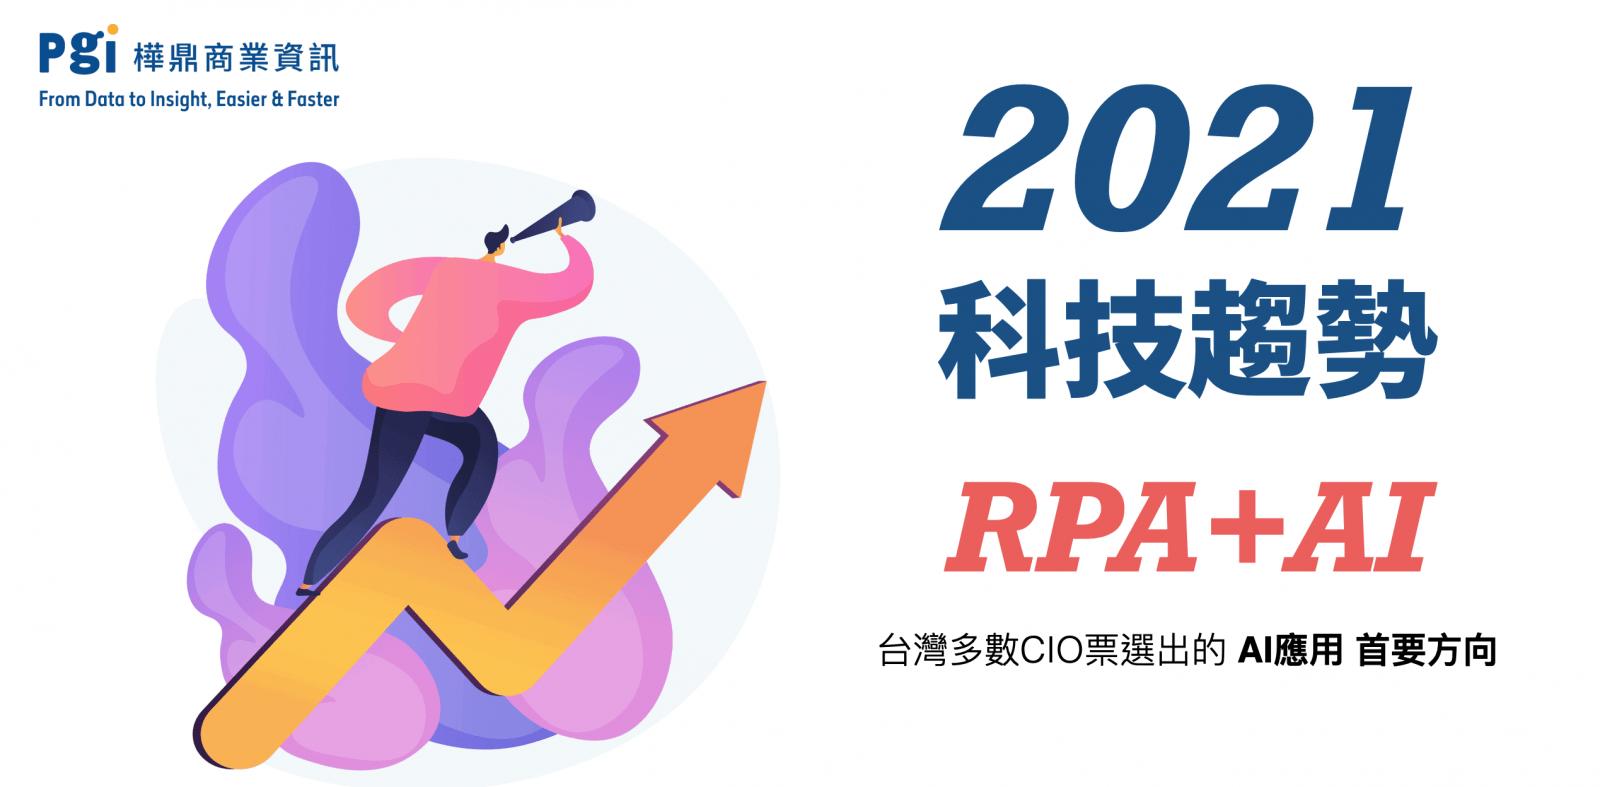 RPA+AI 2021 -UiPath